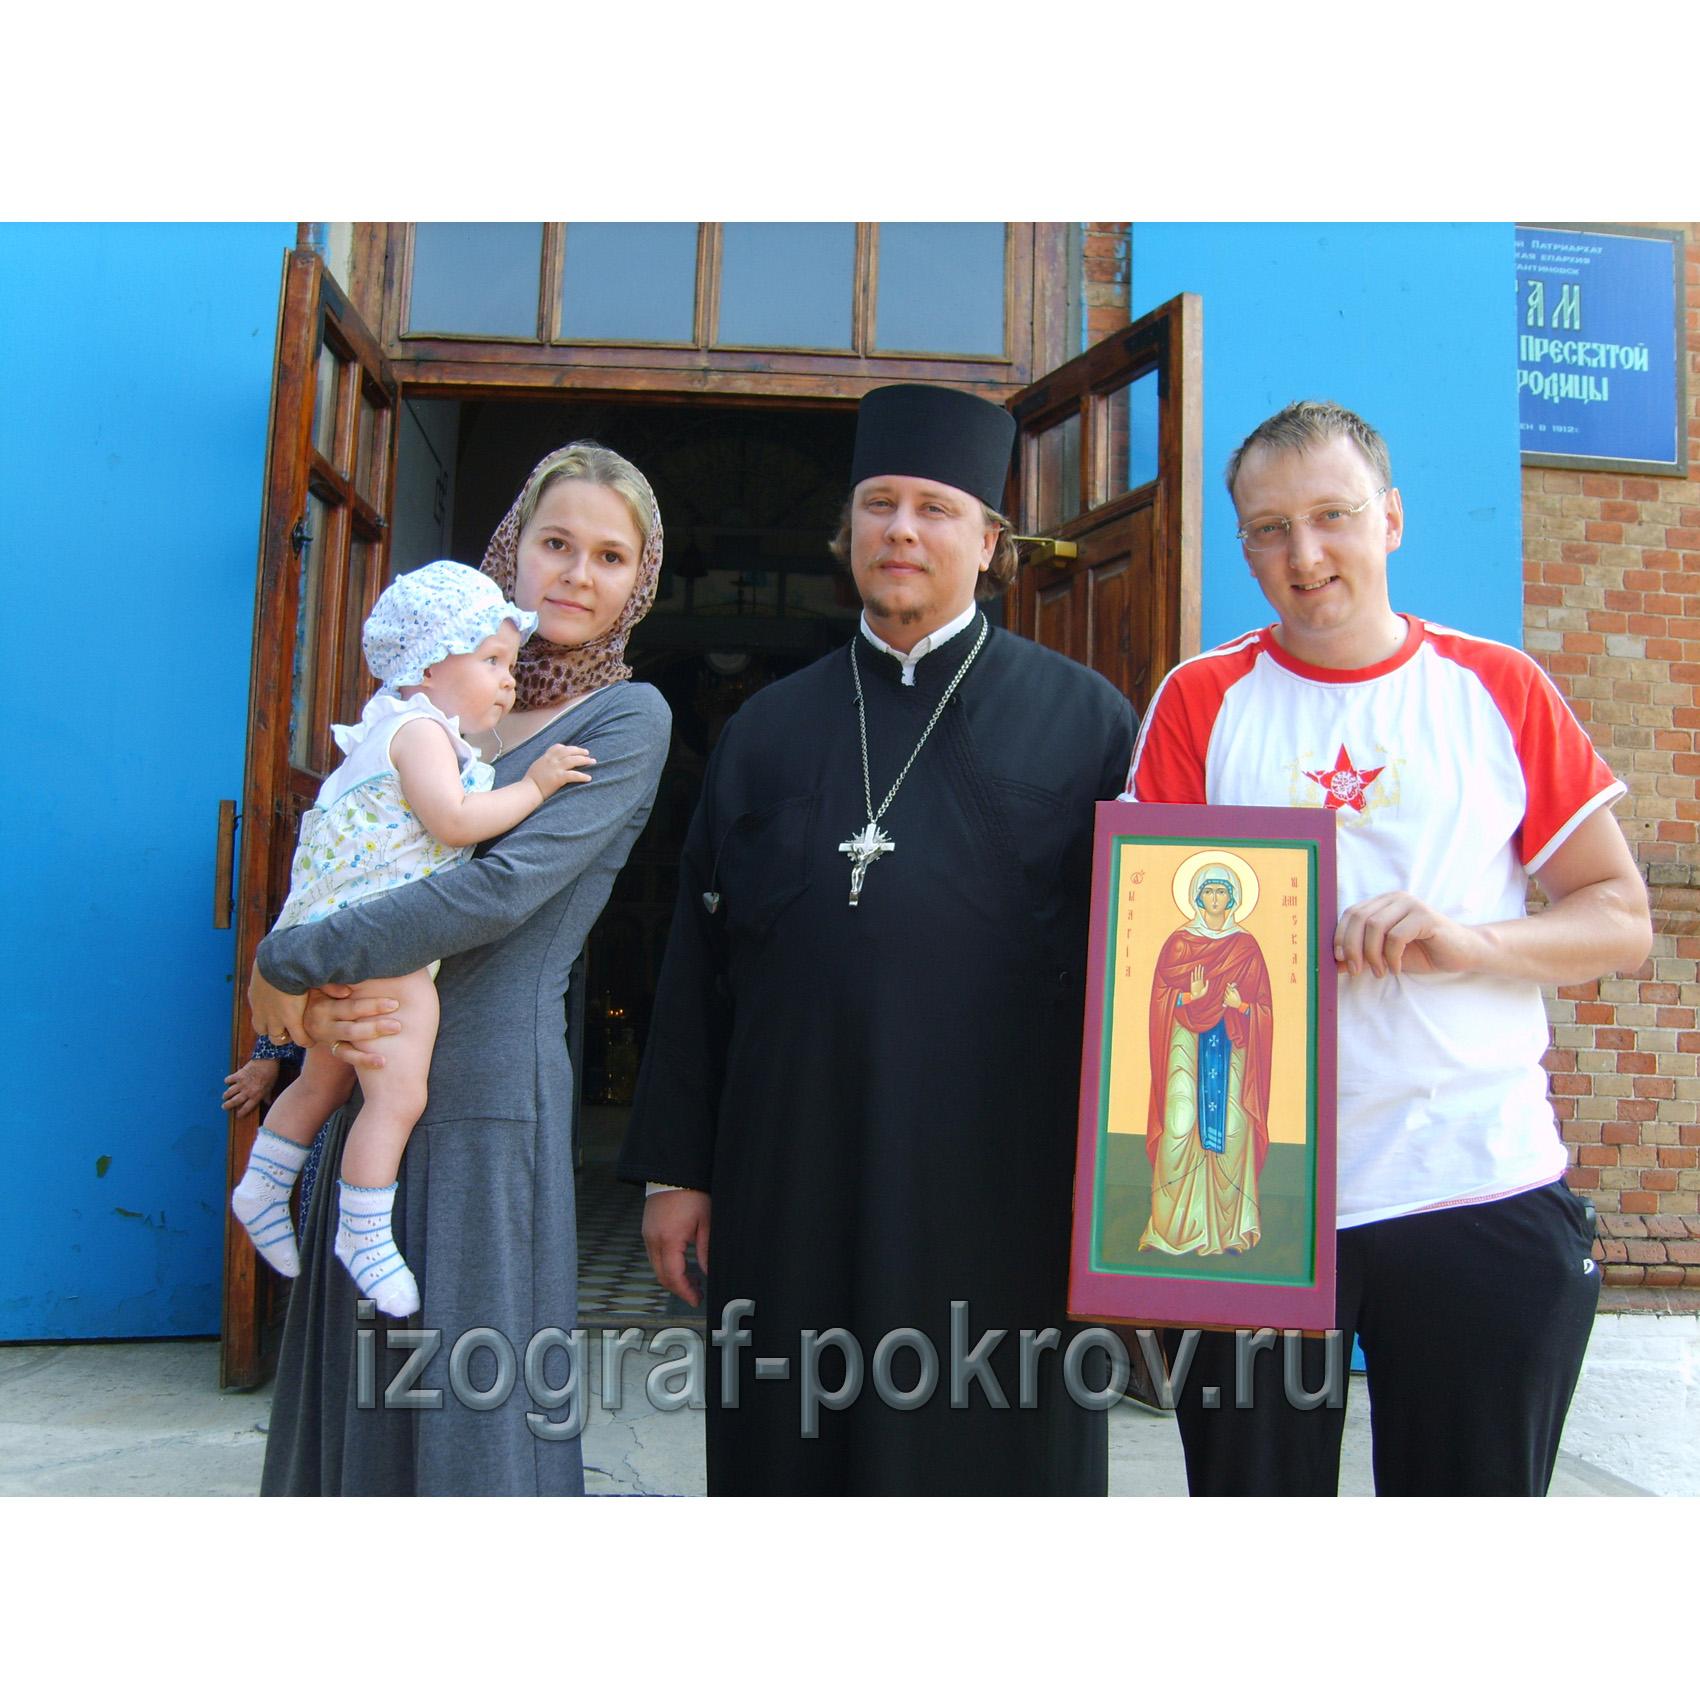 Семья из Москвы приехала на освящение иконы Марии Хиданской в храме Покрова Пресвятой Богородицы